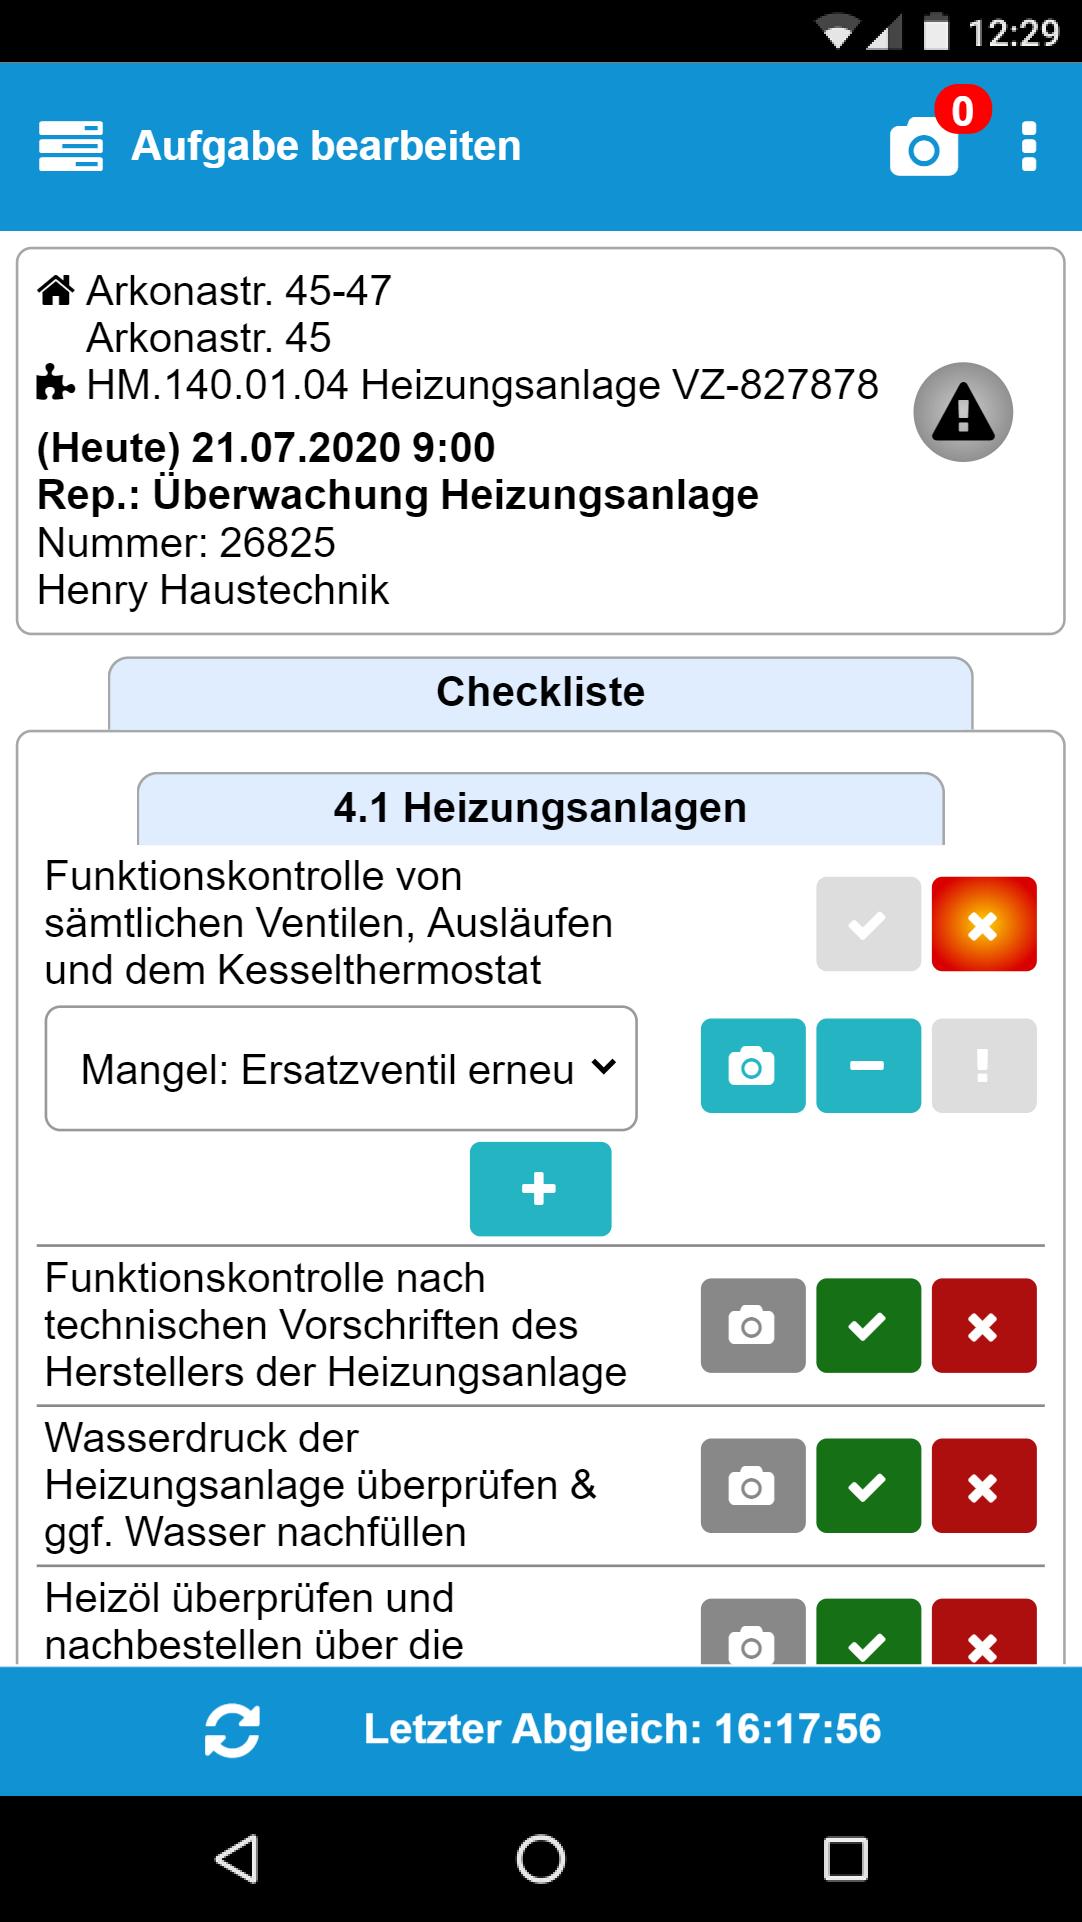 Checklisten abarbeiten mit der App